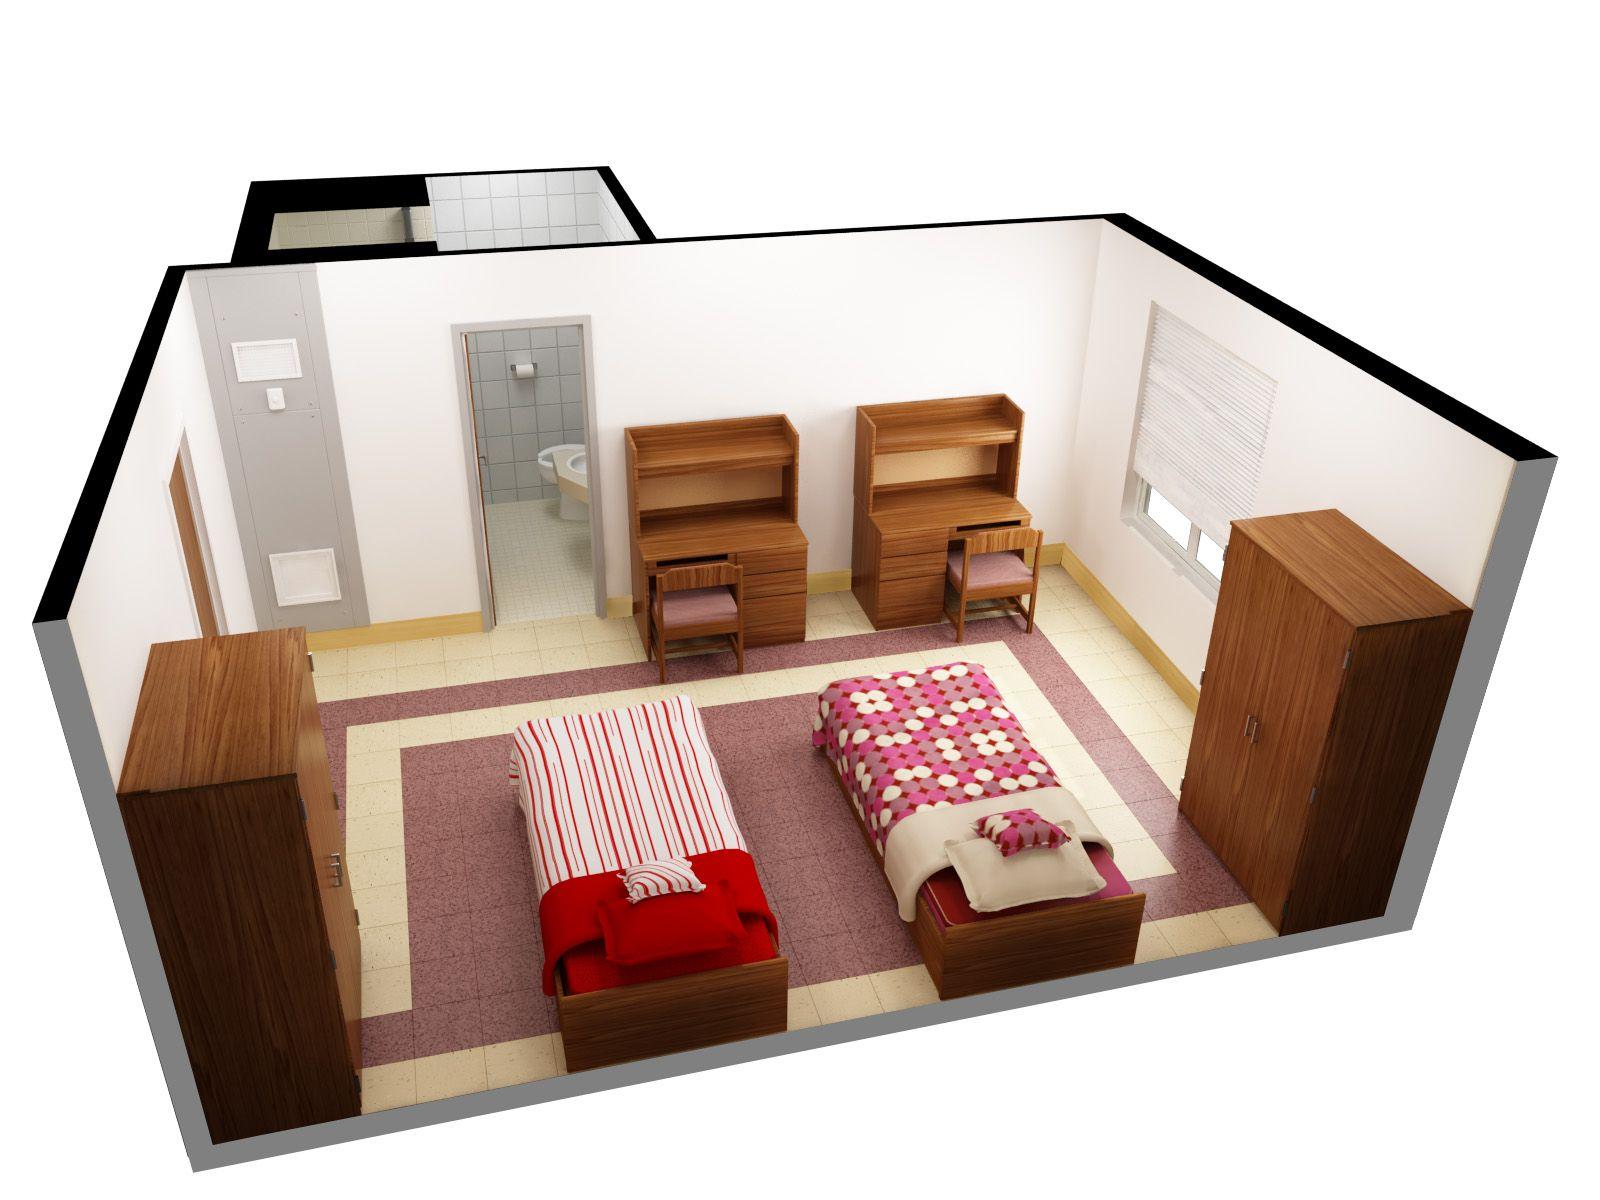 Plan 3D Room Designer Online Free For Best Master Bedroom With Two New Bedroom Design Online 3D Inspiration